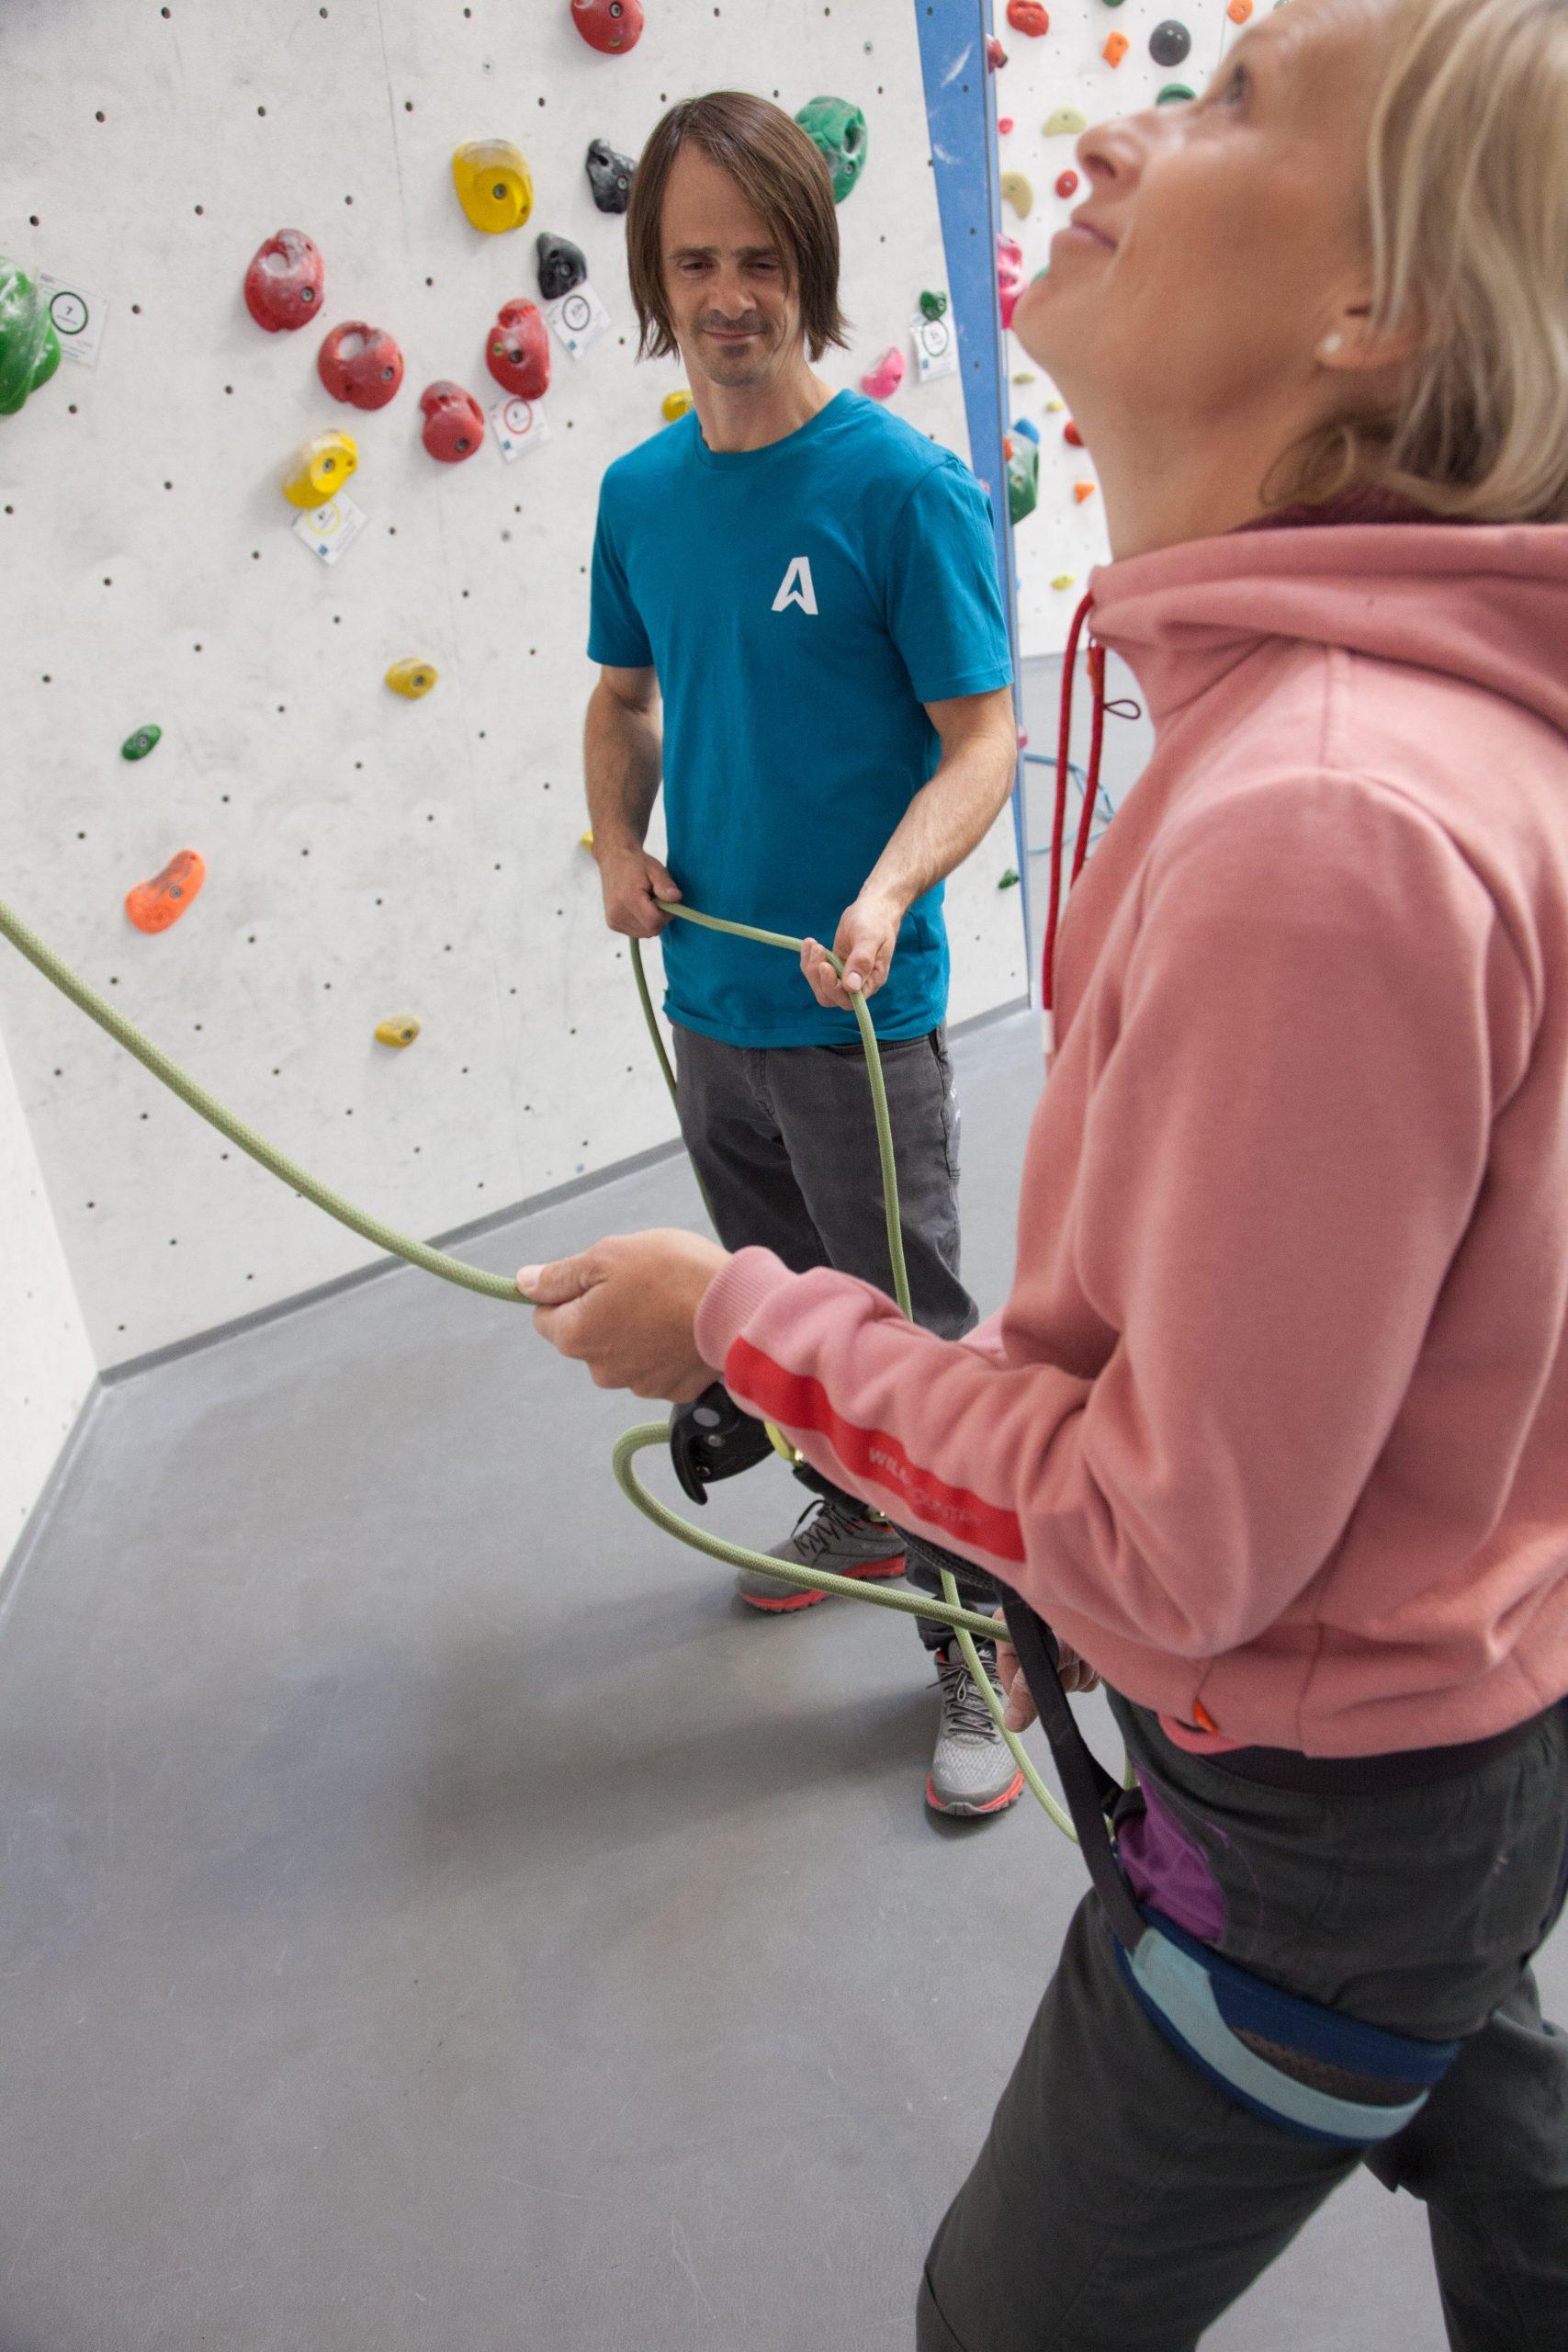 Beim Falltraining wie auch beim Sturztraining sollte immer durch die Trainerin hintersichert werden -sie steht seitlich zur Wand, um sowohl die Sicherin als auch die Kletterin im Blick zu haben.